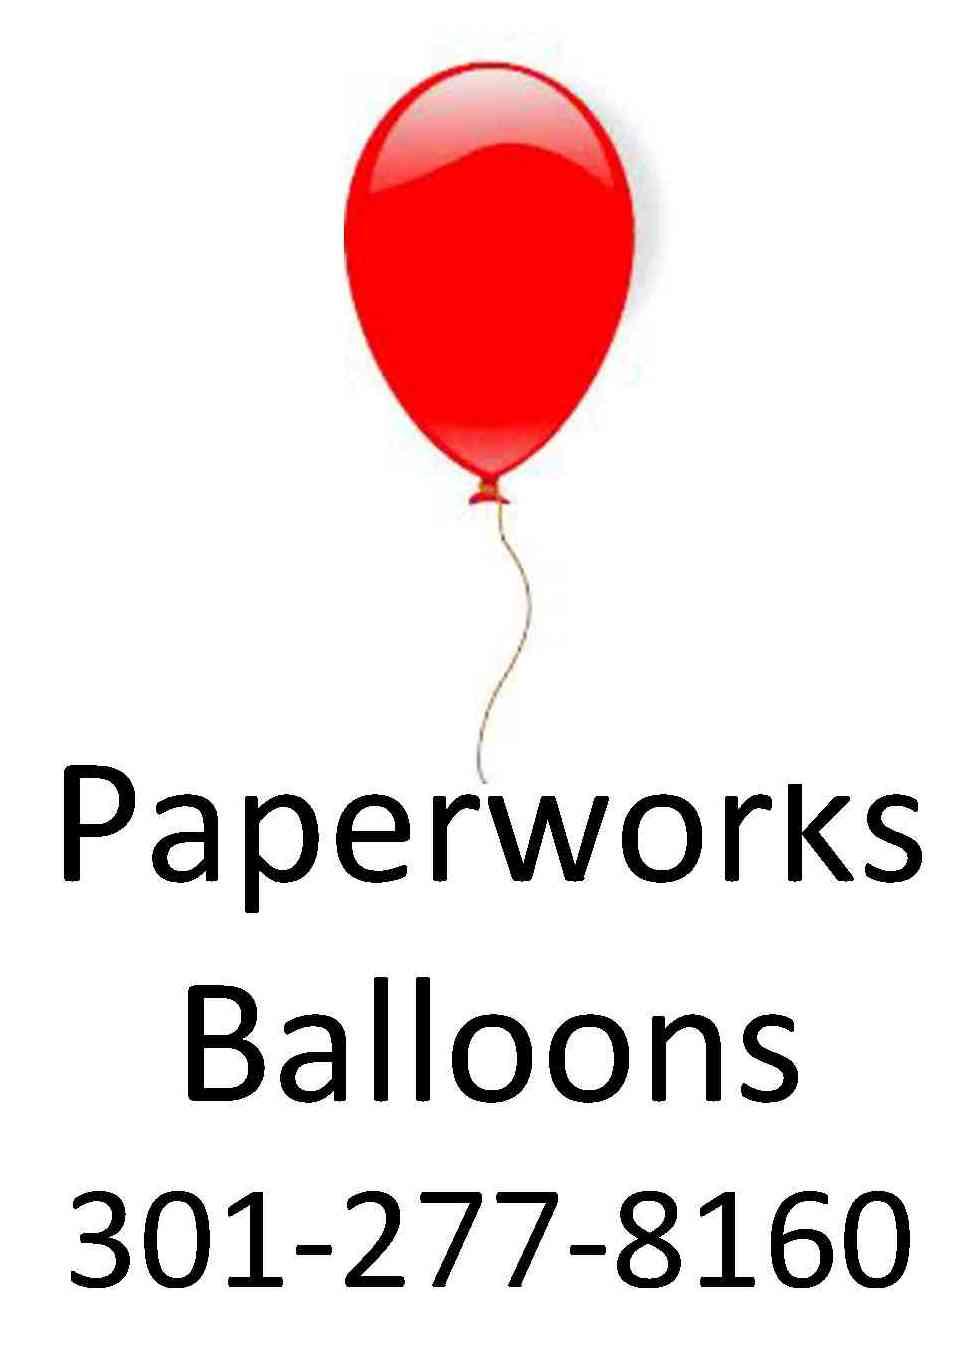 Paperworks Balloons logo v3 cropped.jpg